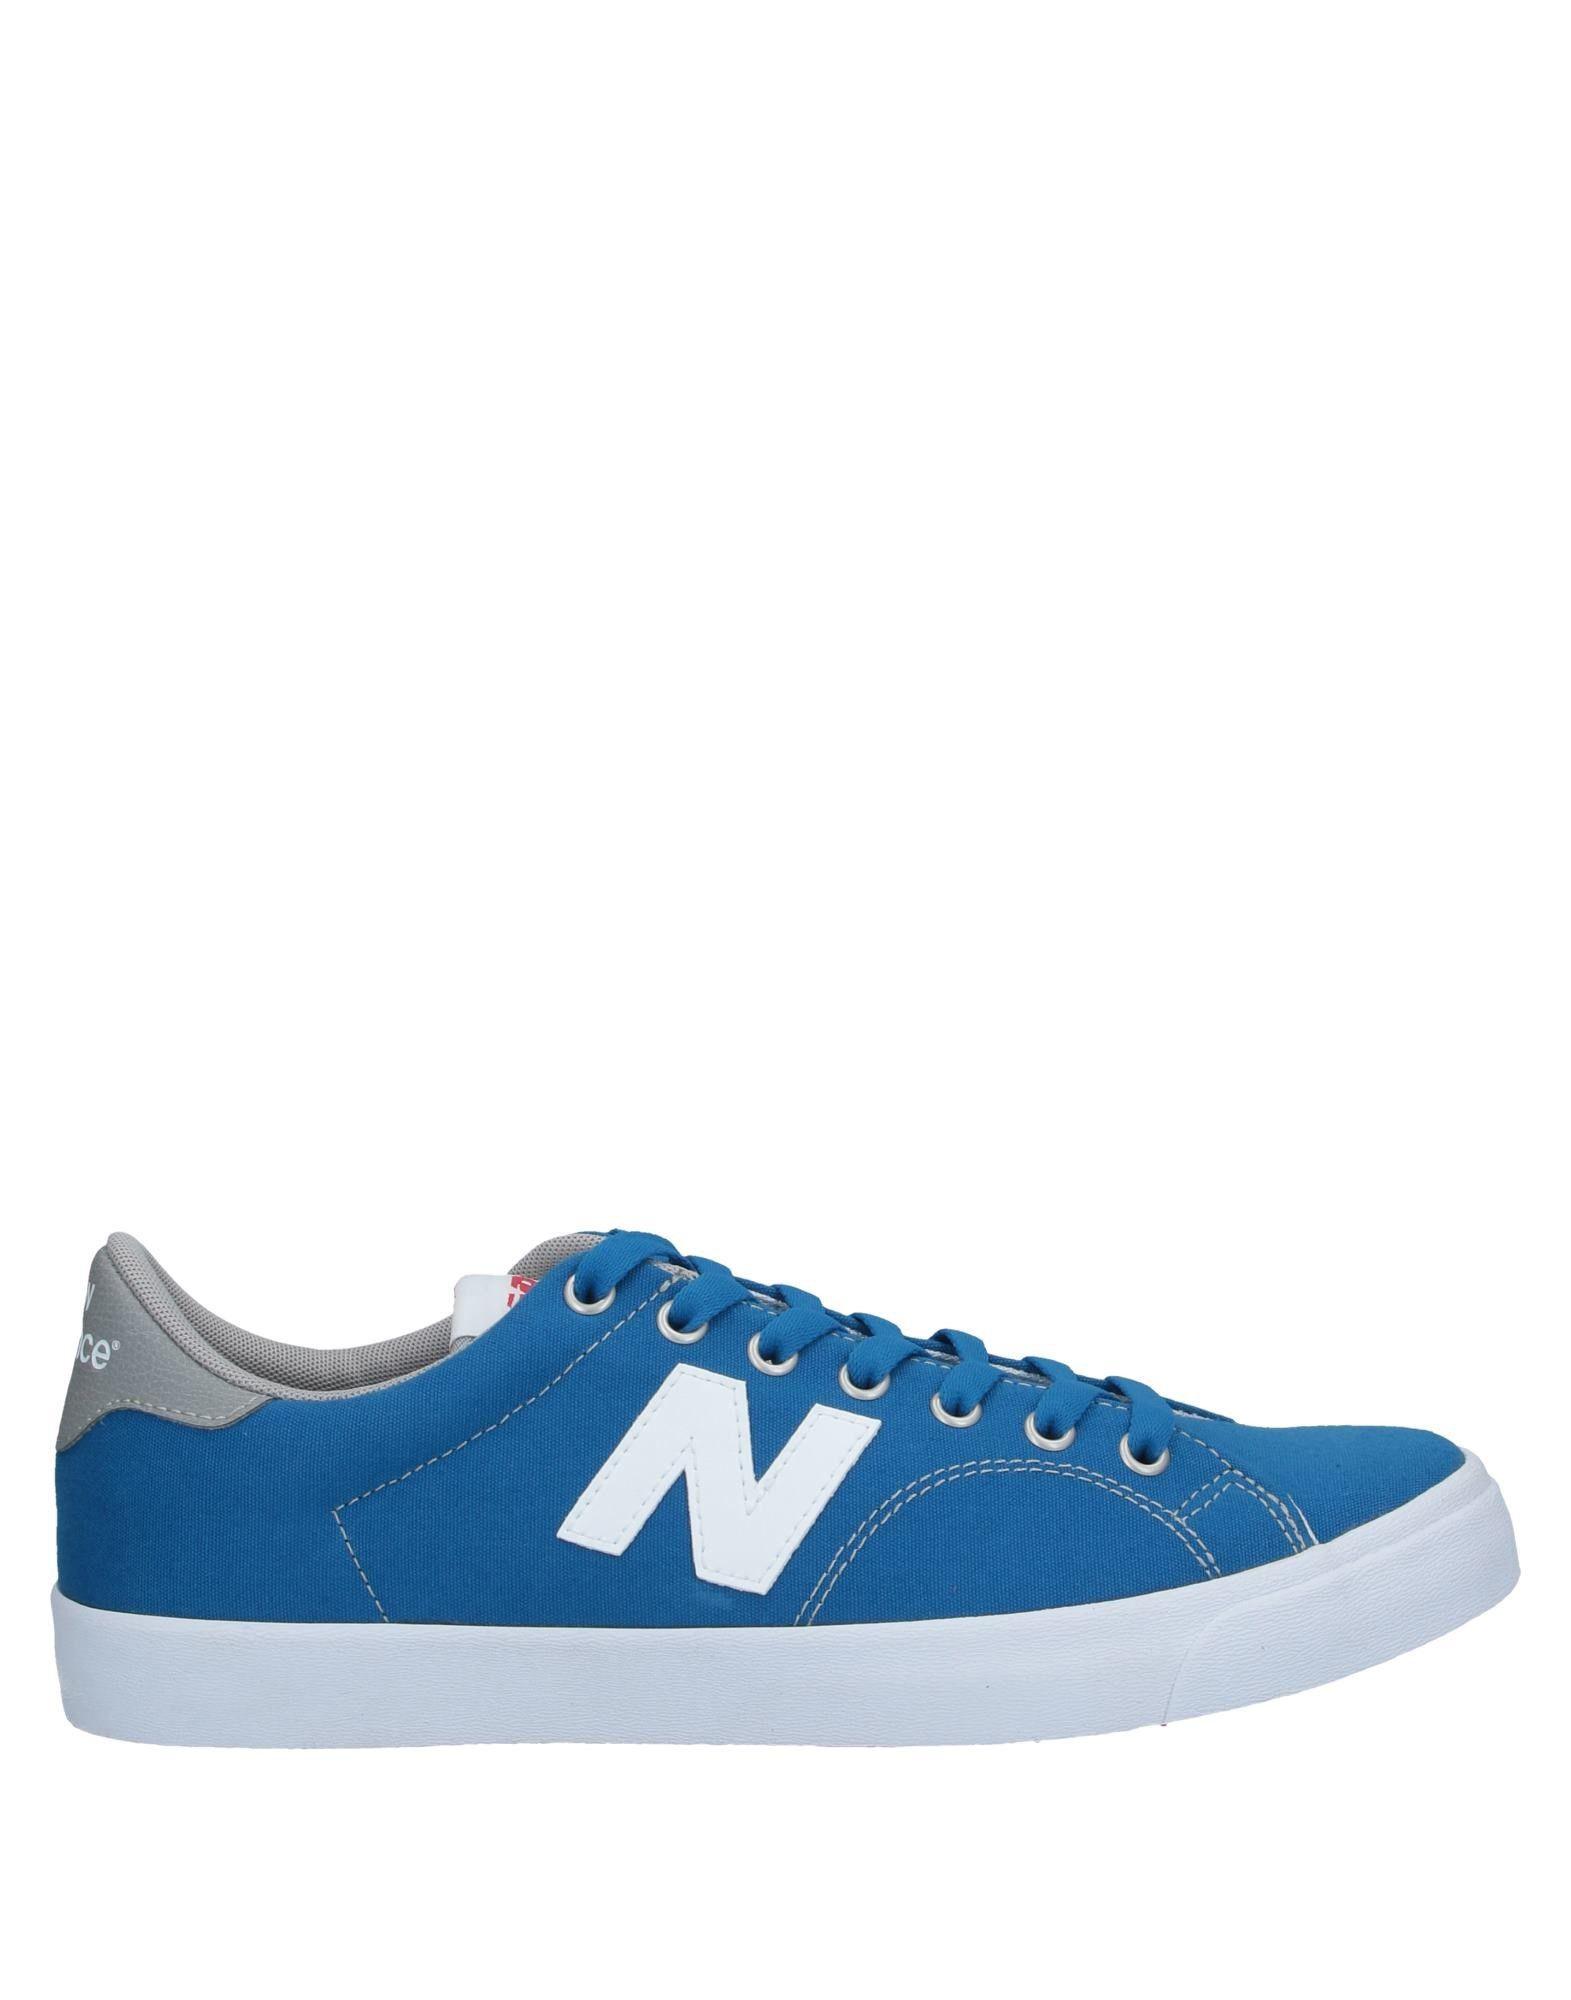 Фото - NEW BALANCE Низкие кеды и кроссовки кроссовки женские new balance 997 цвет бежевый cw997hna b размер 7 36 5